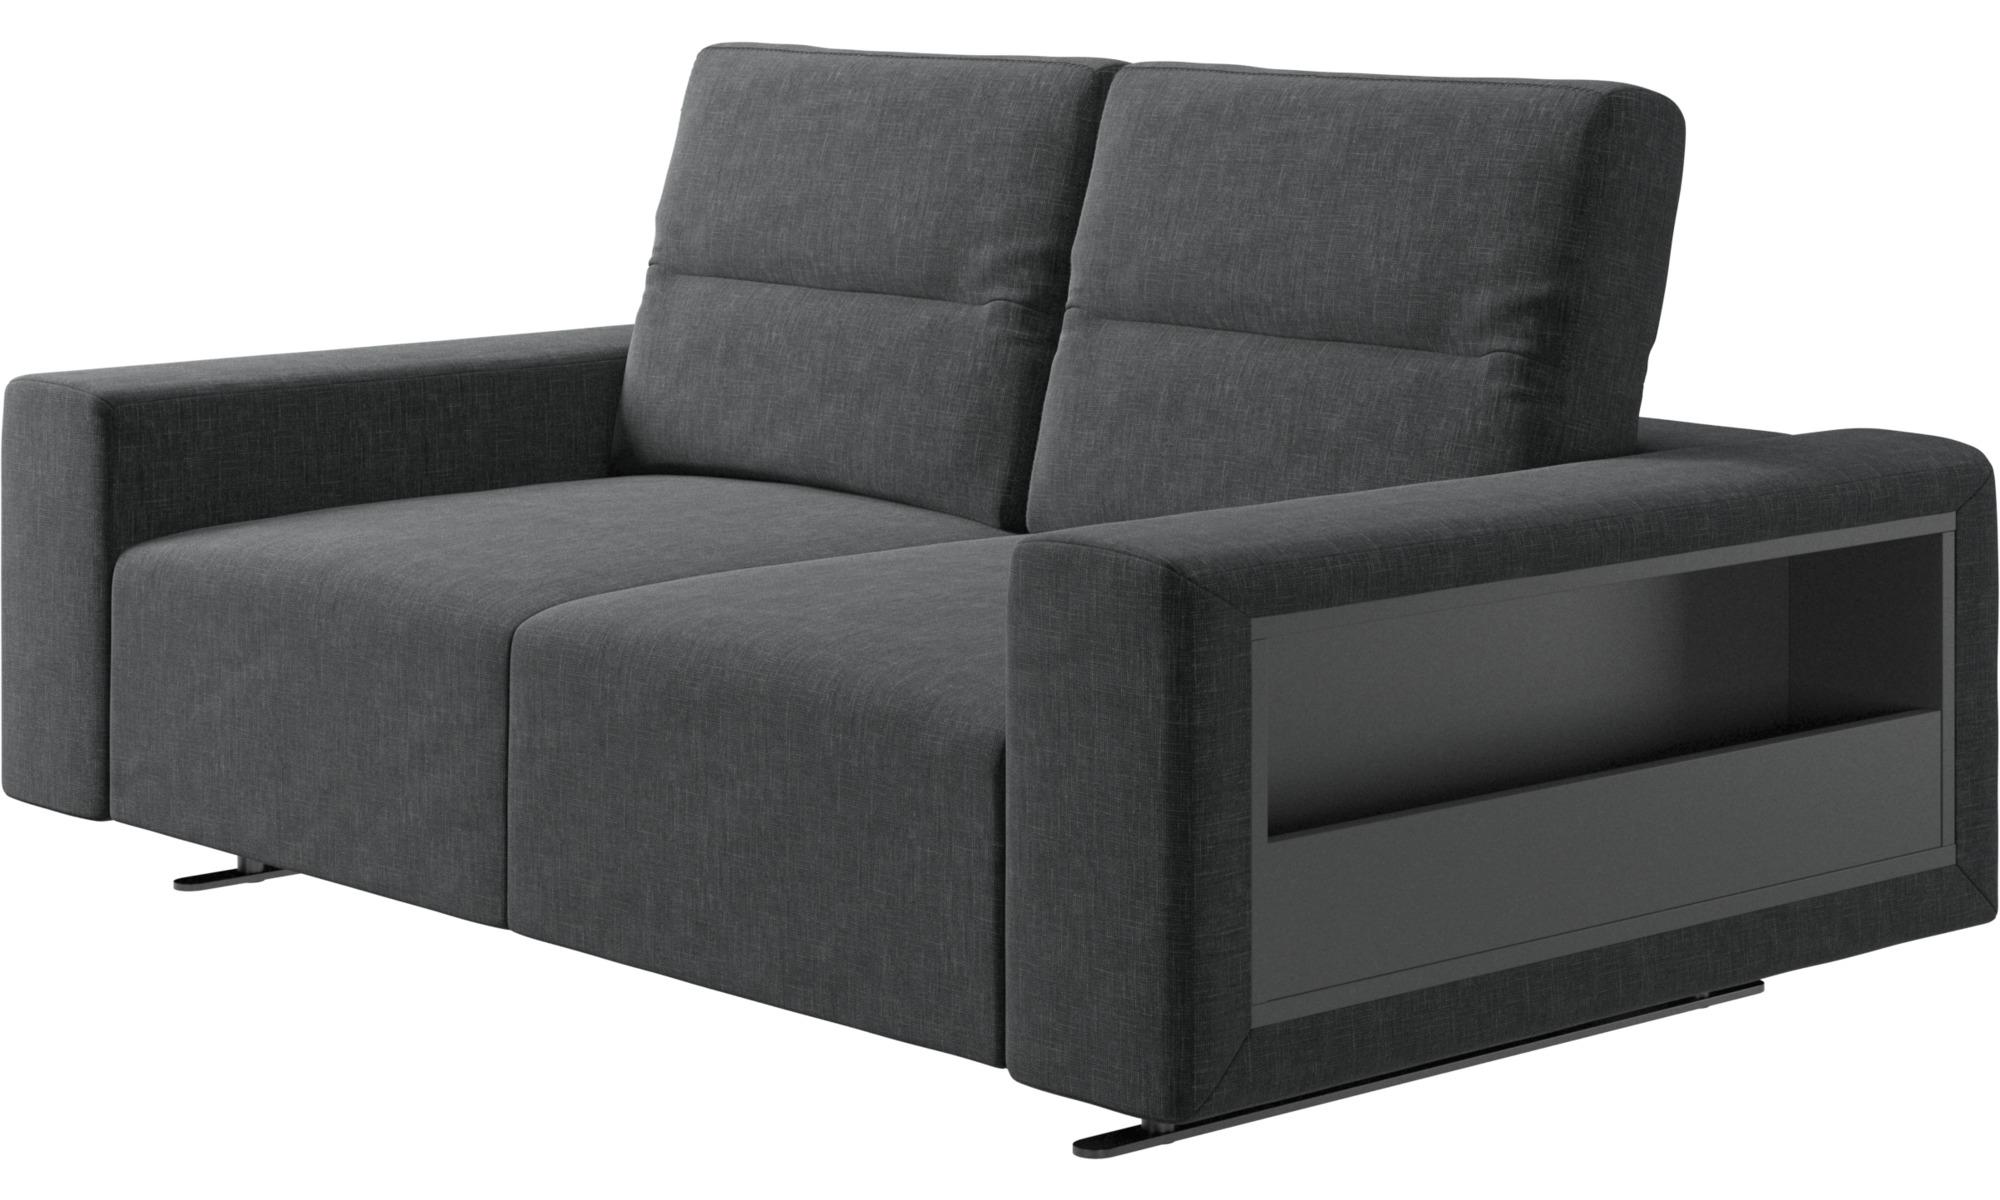 Beeindruckend Sofa Mit Verstellbarer Rückenlehne Foto Von 2-sitzer Sofas - Hampton Rückenlehne Und Stauraum